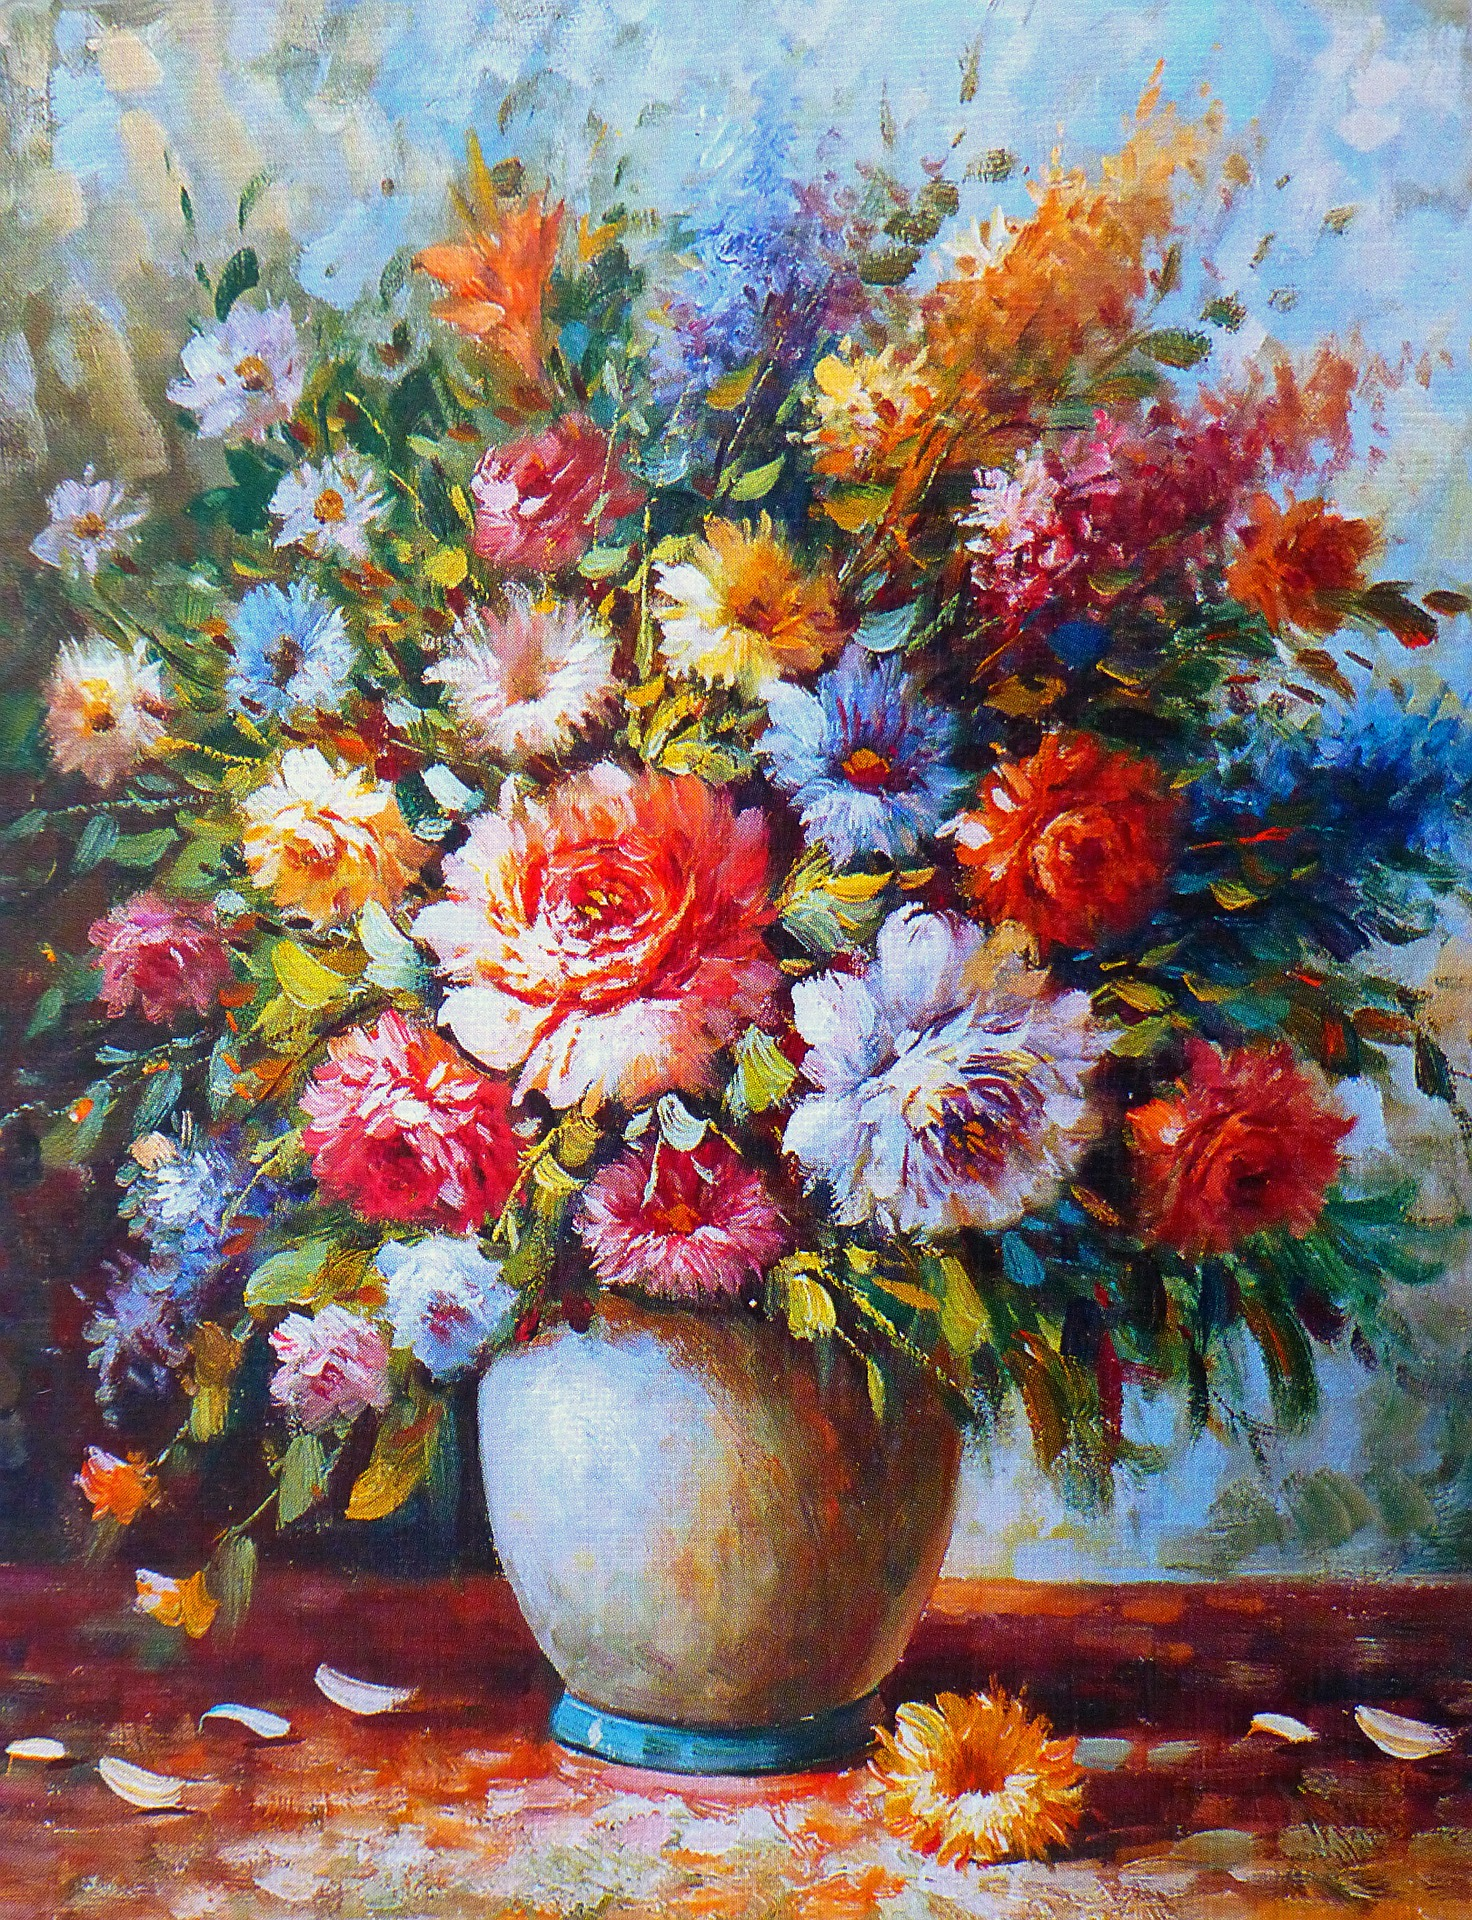 Quadri Cucina Leroy Merlin quadri moderni su tela dipinti a mano con fiori: dove